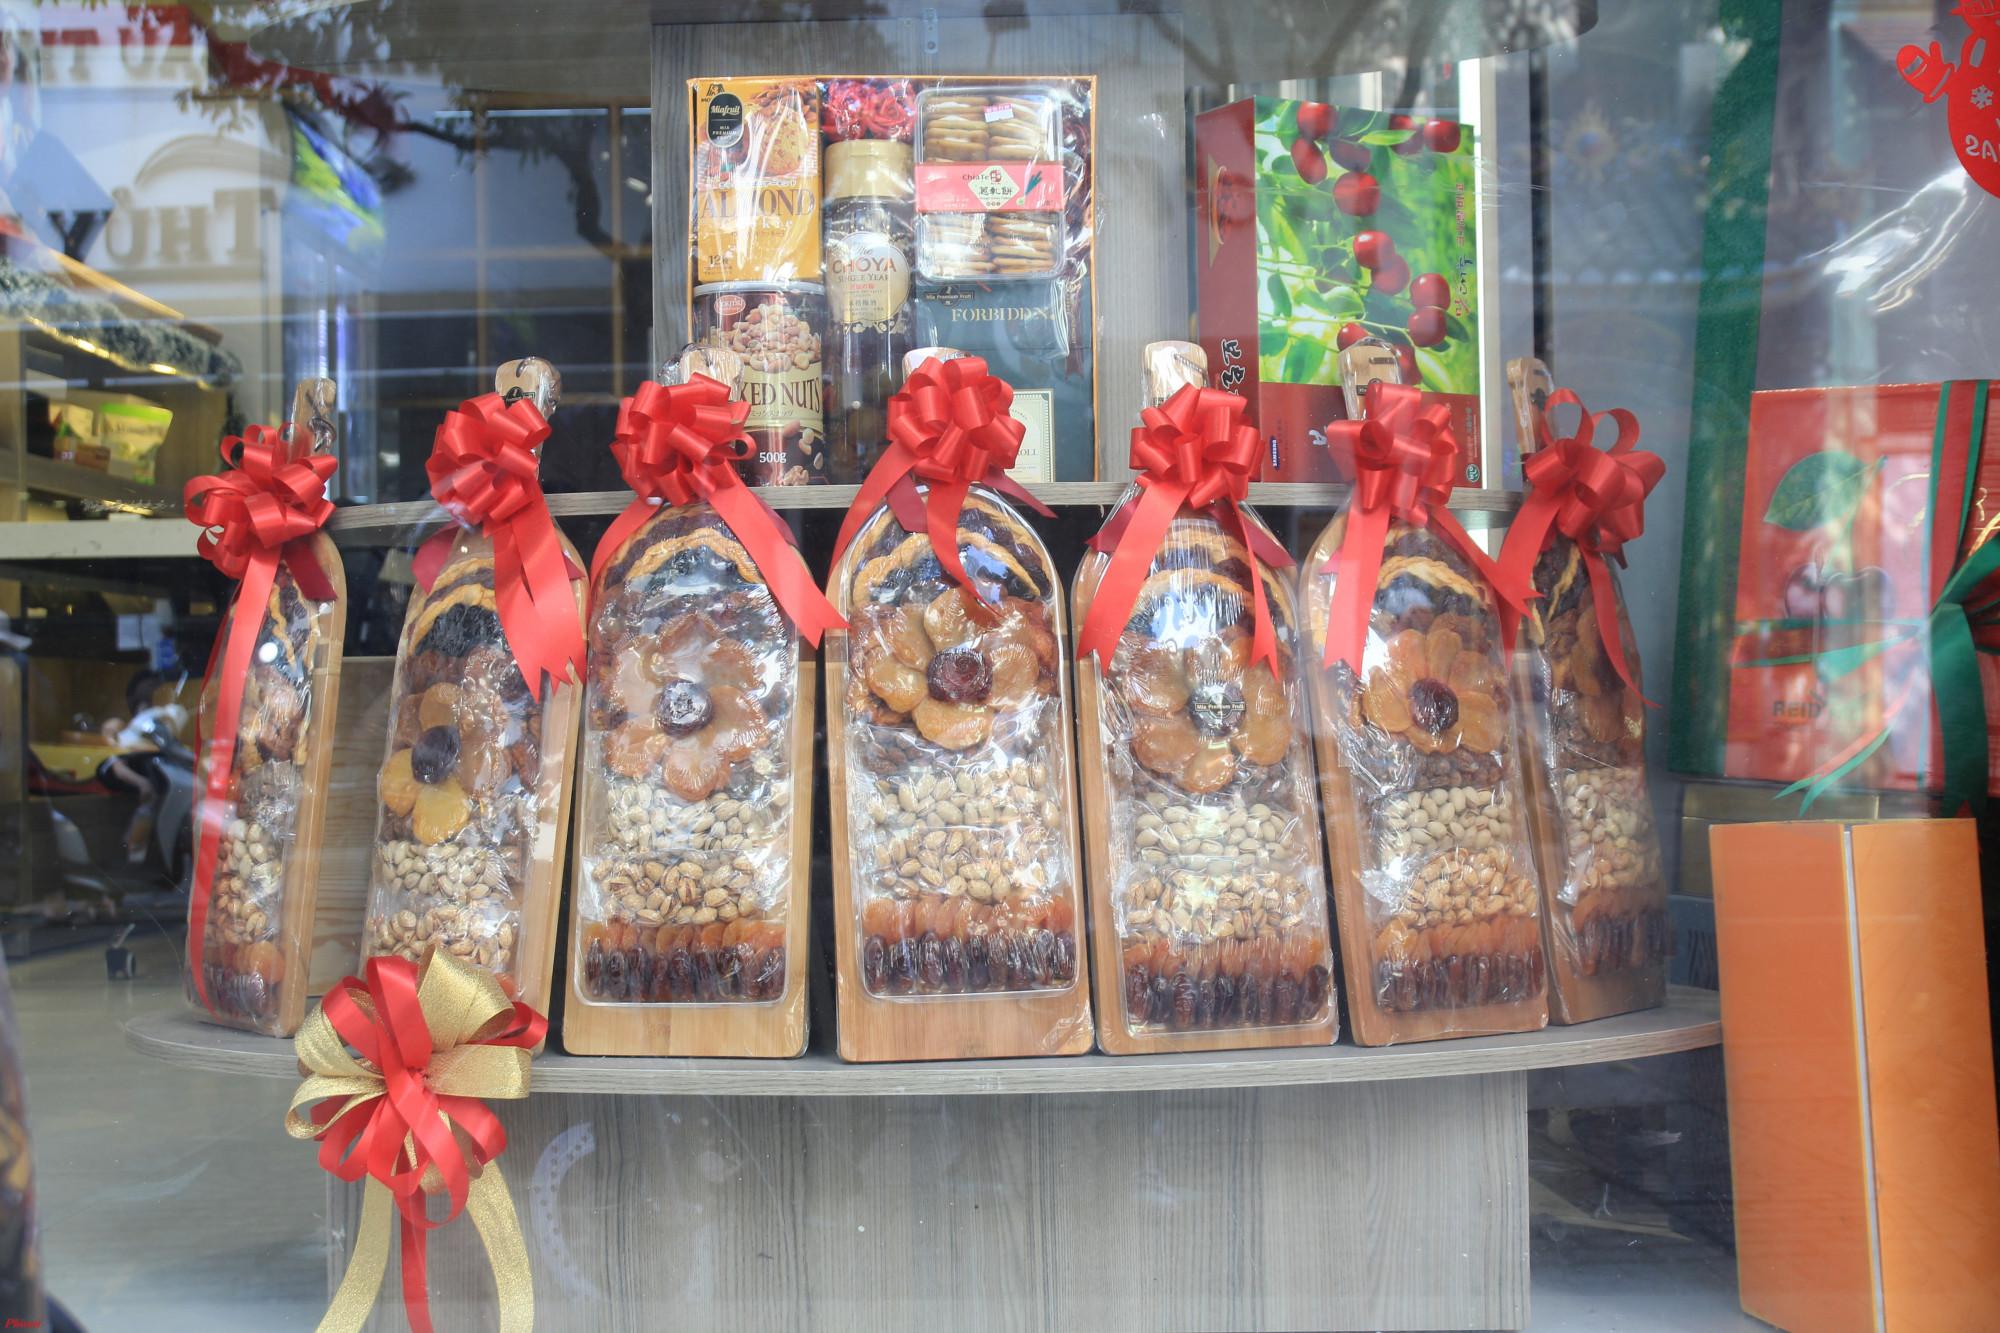 Ngoài ra, cửa hàng này còn trưng bày các mặt hàng trái cây khô vào từng khây được nhập khẩu từ Mỹ trông khá đẹp mắt gồm những loại: chà là, hạnh nhân, đào trắng, mơ Địa Trung Hải, mận tím Angelino, …mỗi khây từ 900g-1,3kg có giá từ 1tr950-2tr800 đồng/khây.